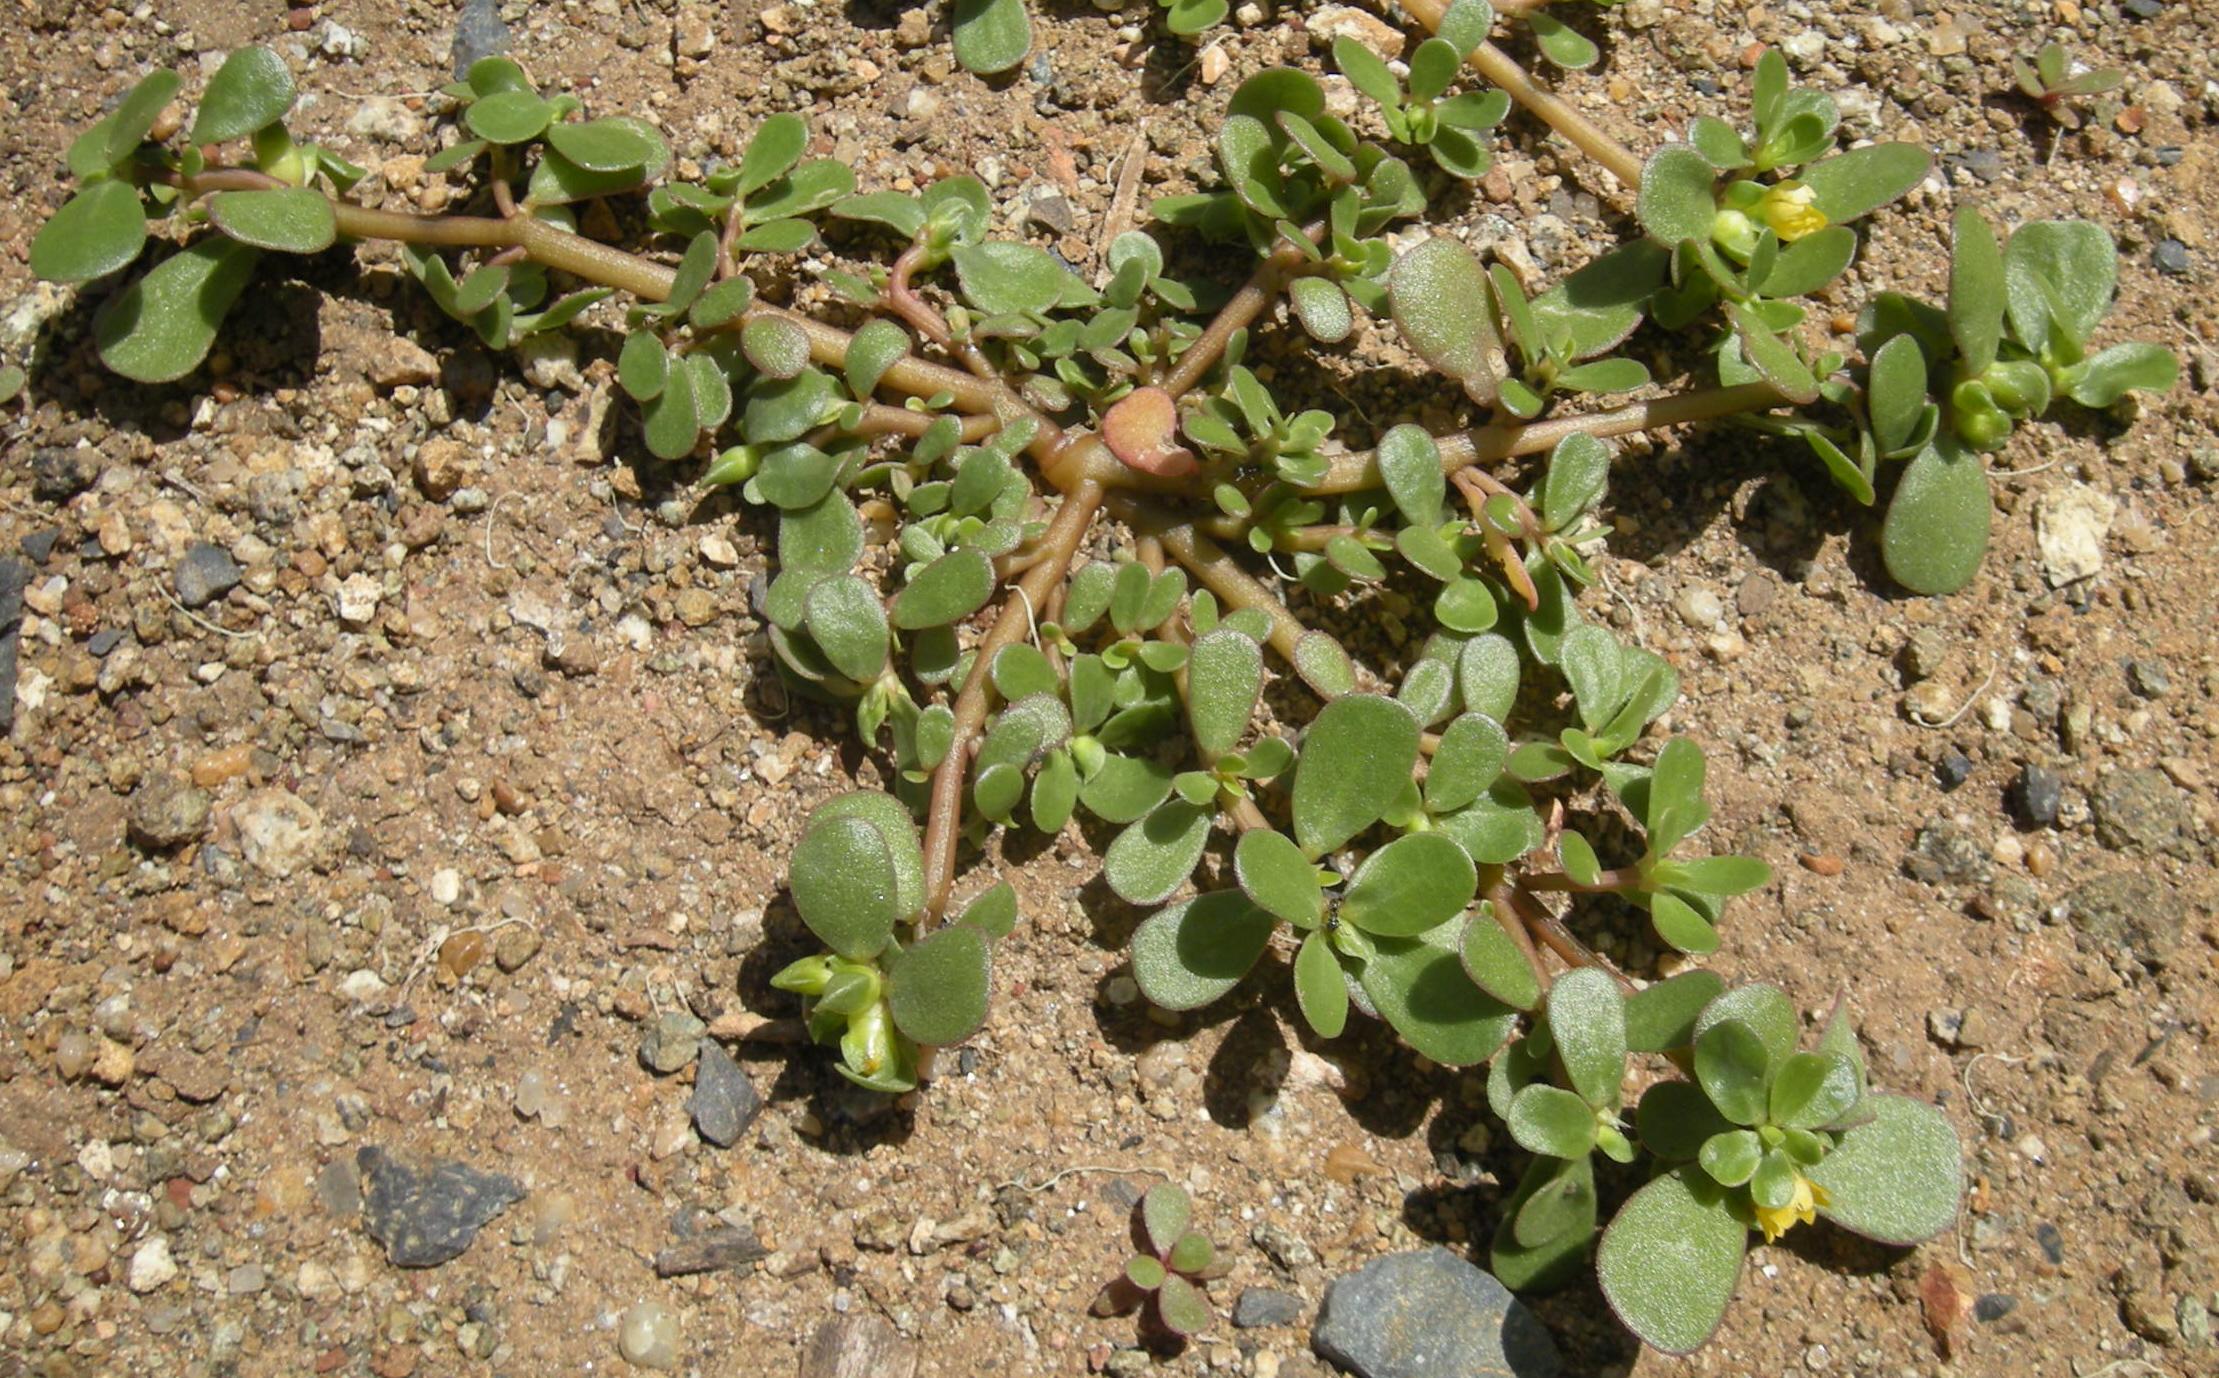 רגלת הגינה צמח מאכל שגדל בר מעולה לבריאות